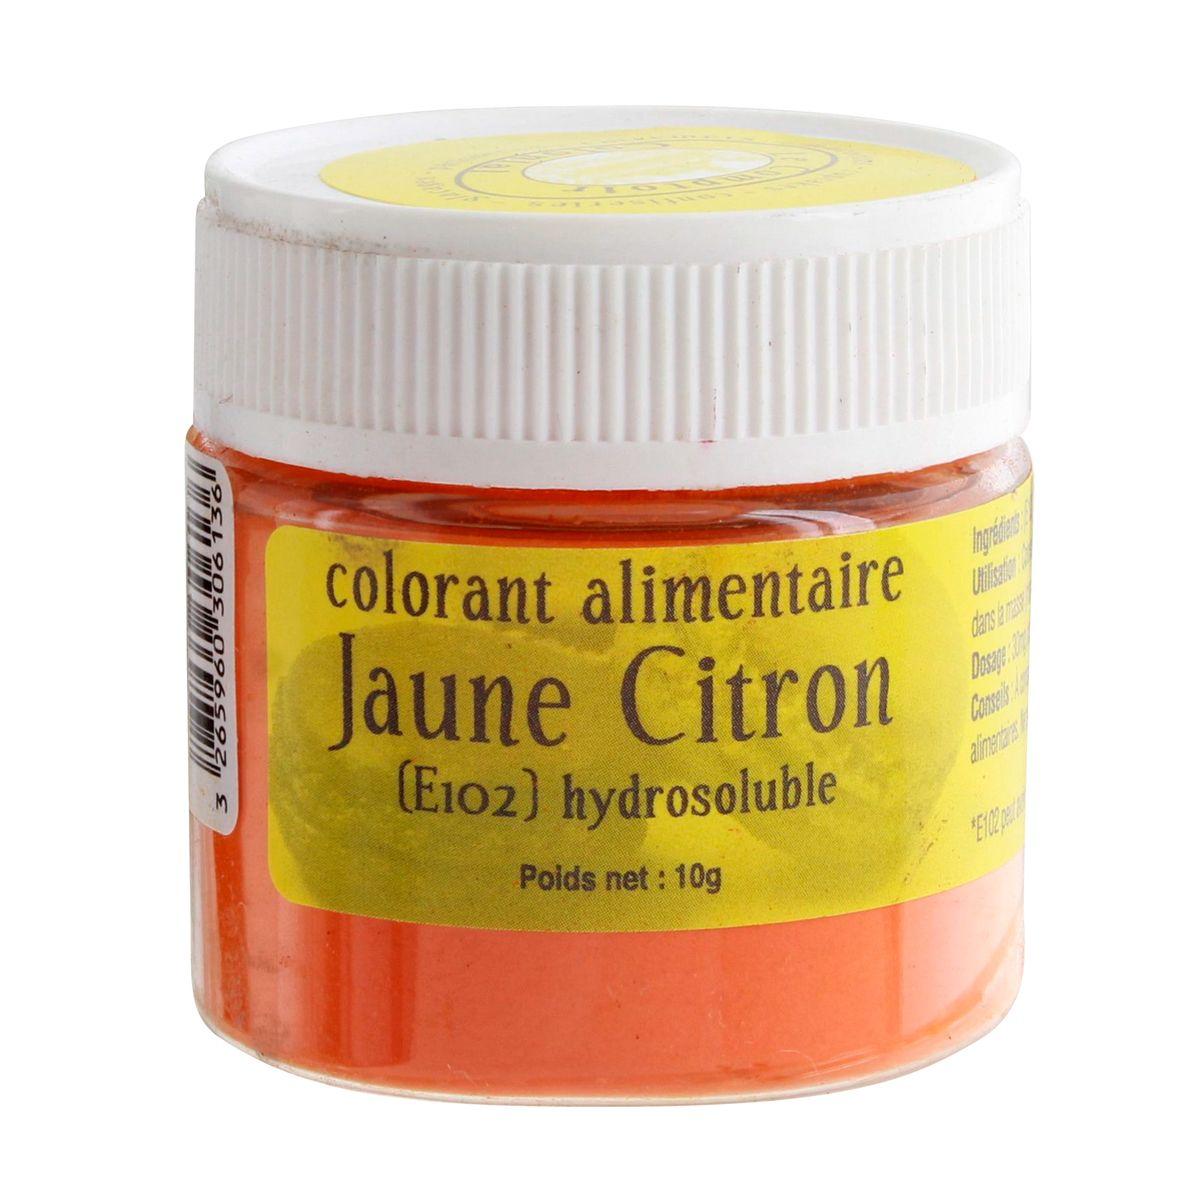 Colorant alimentaire hydrosoluble jaune citron 10 gr - Le Comptoir Colonial